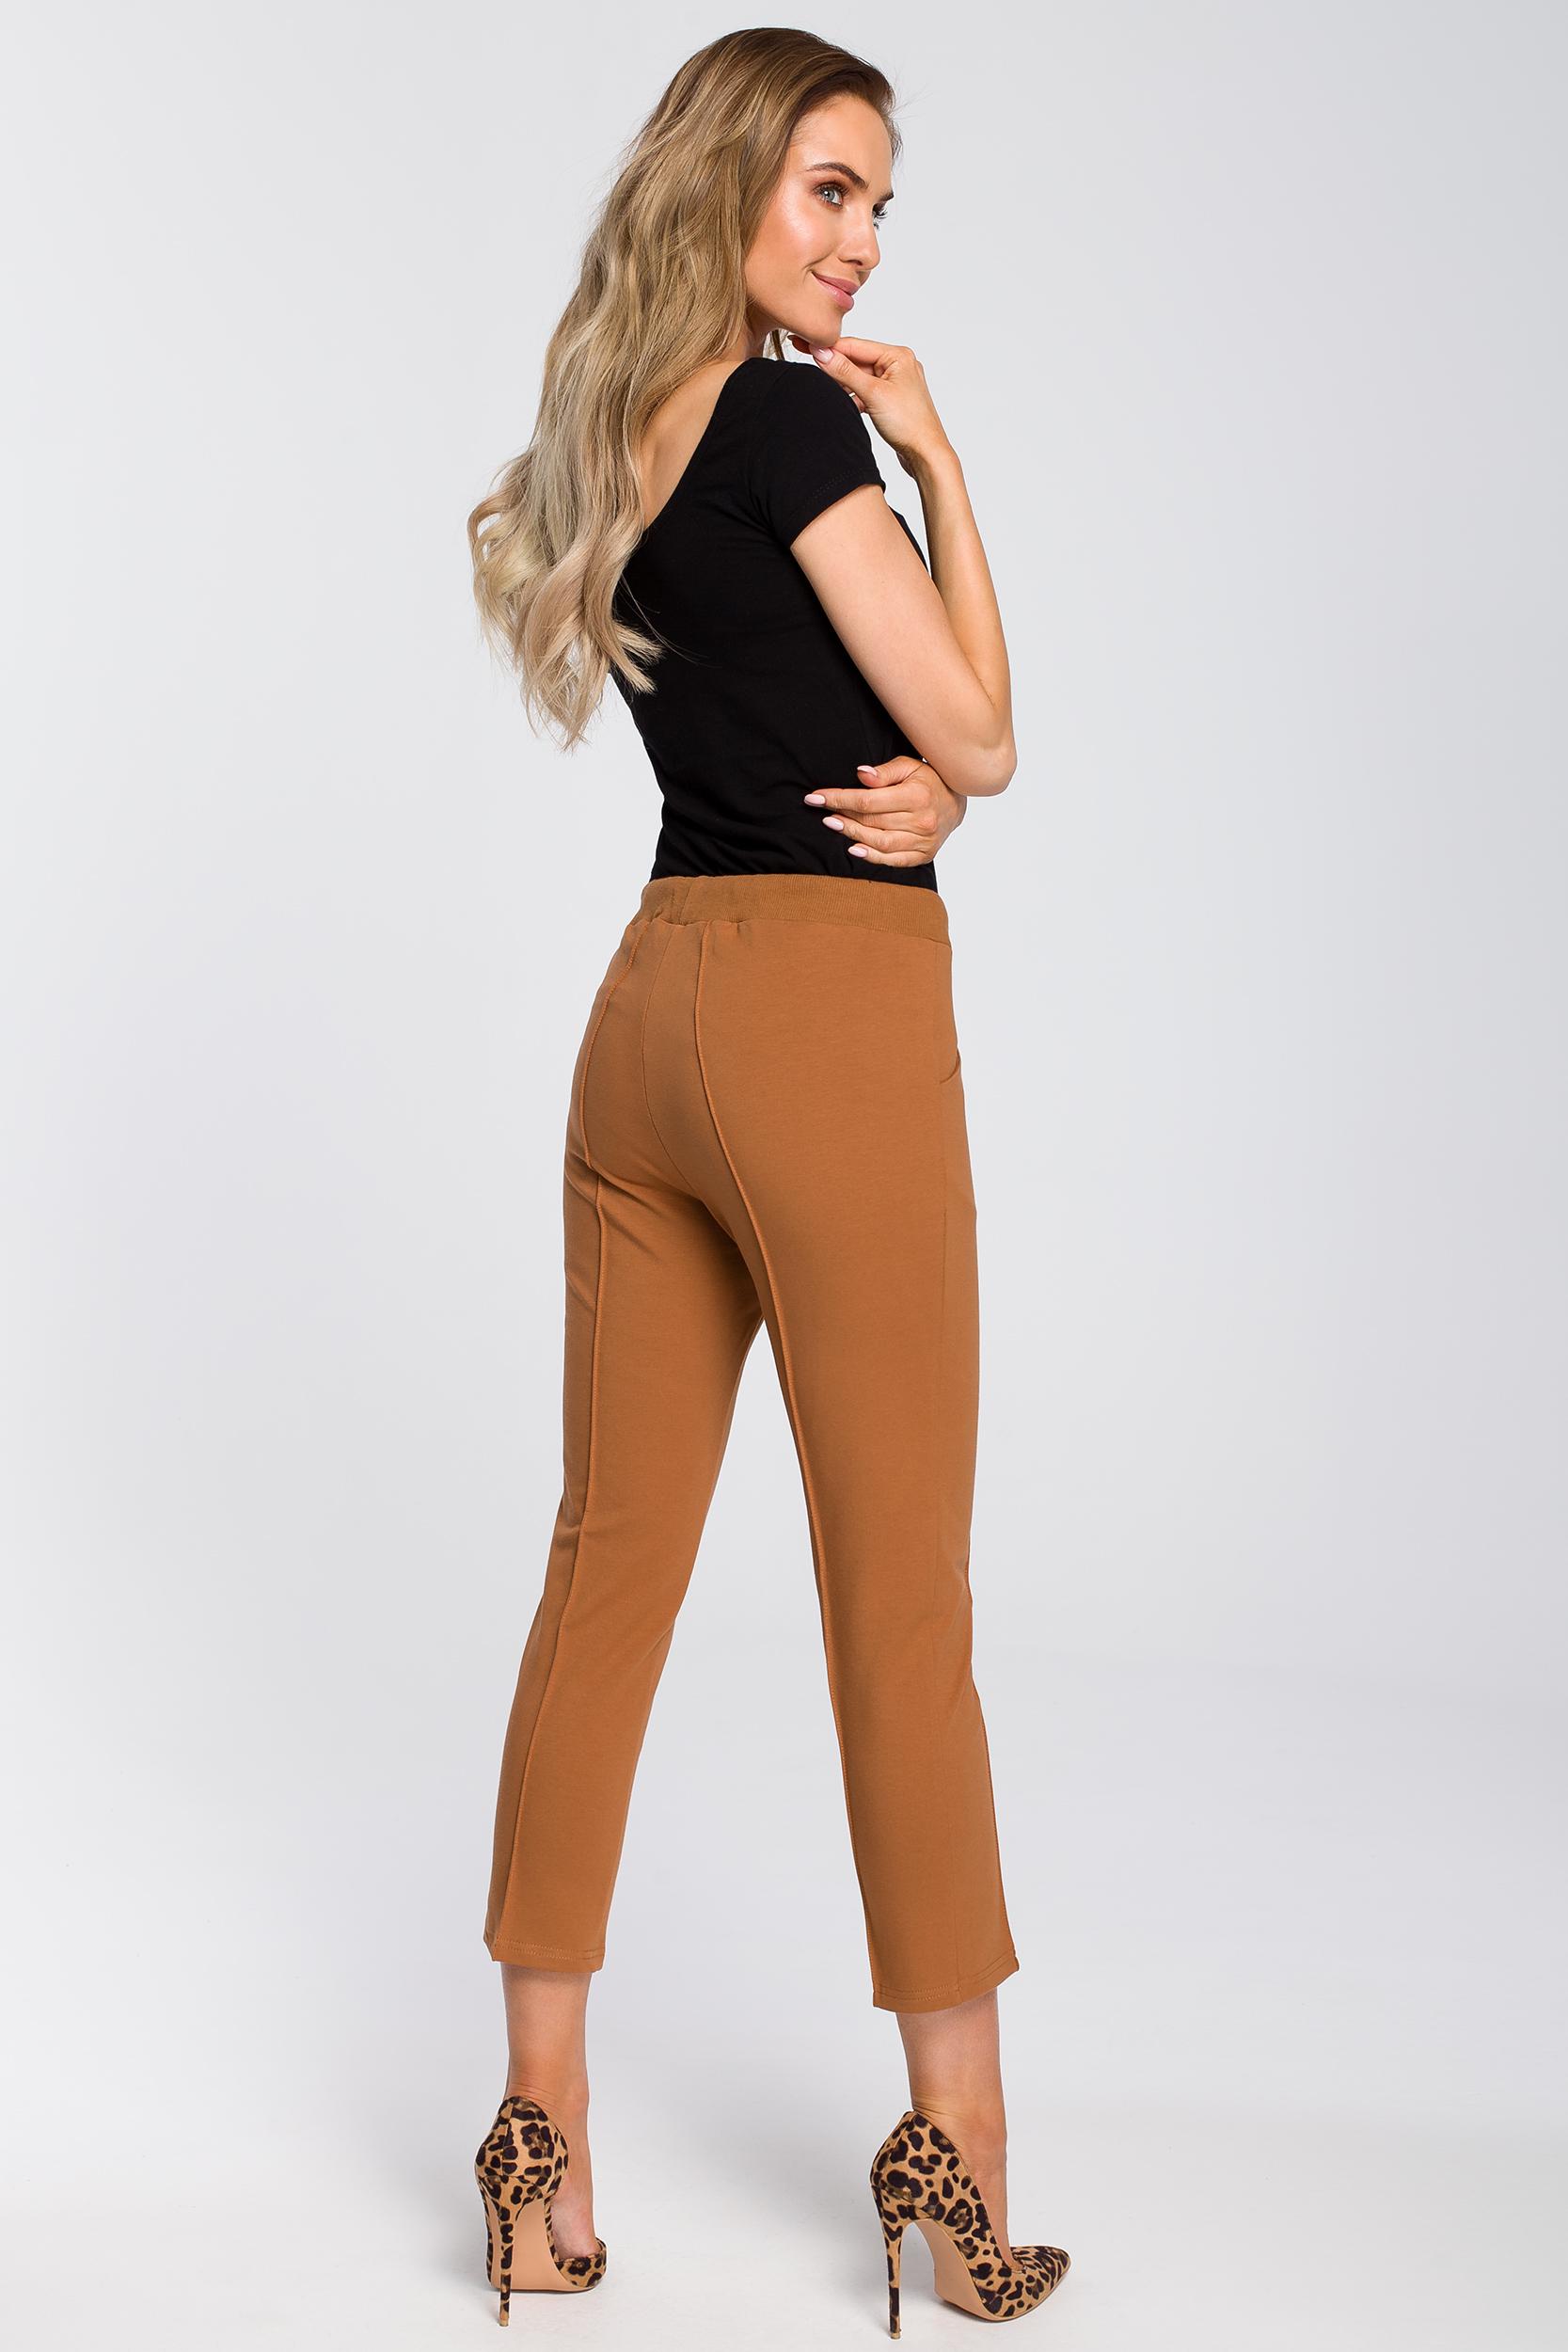 CM4092 Spodnie cygaretki długości 7/8 - karmelowe